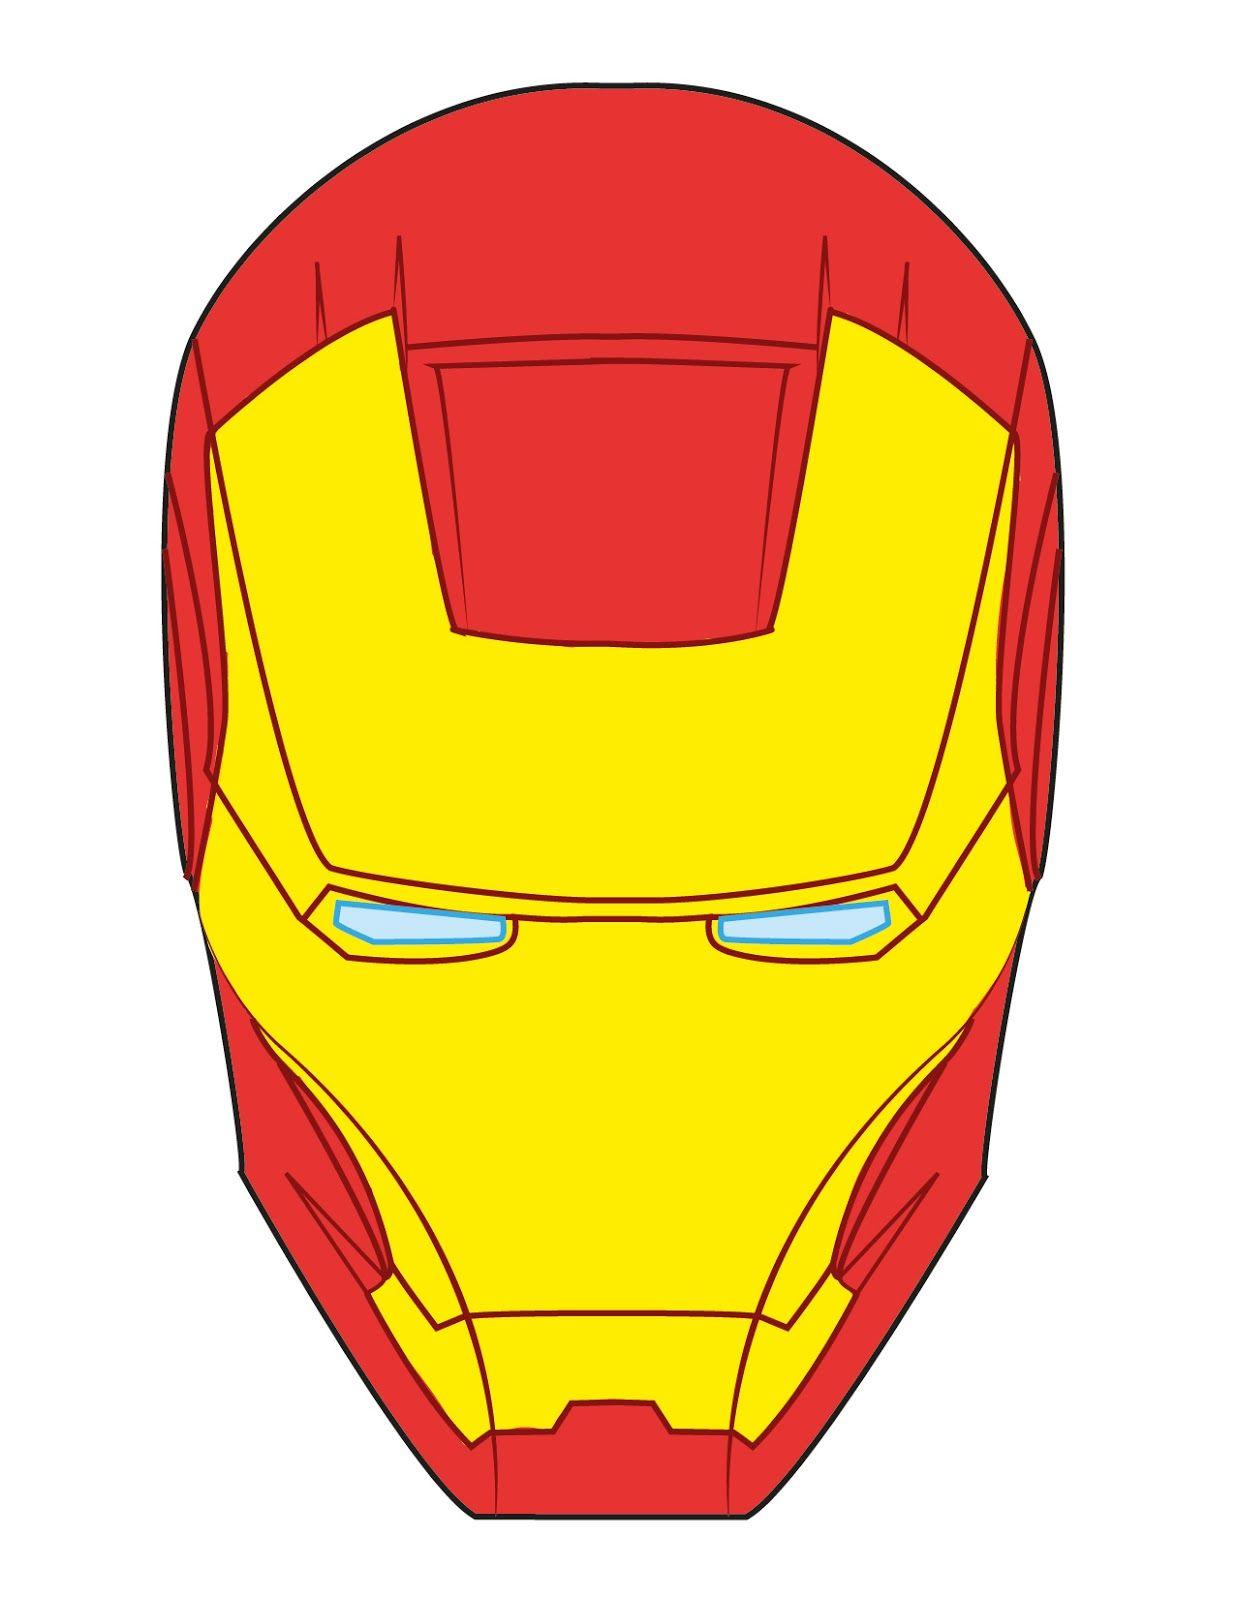 Ironman Mask Jpg 1237 1600 Gesichtsschablone Iron Man Geburtstag Iron Man Kurbis